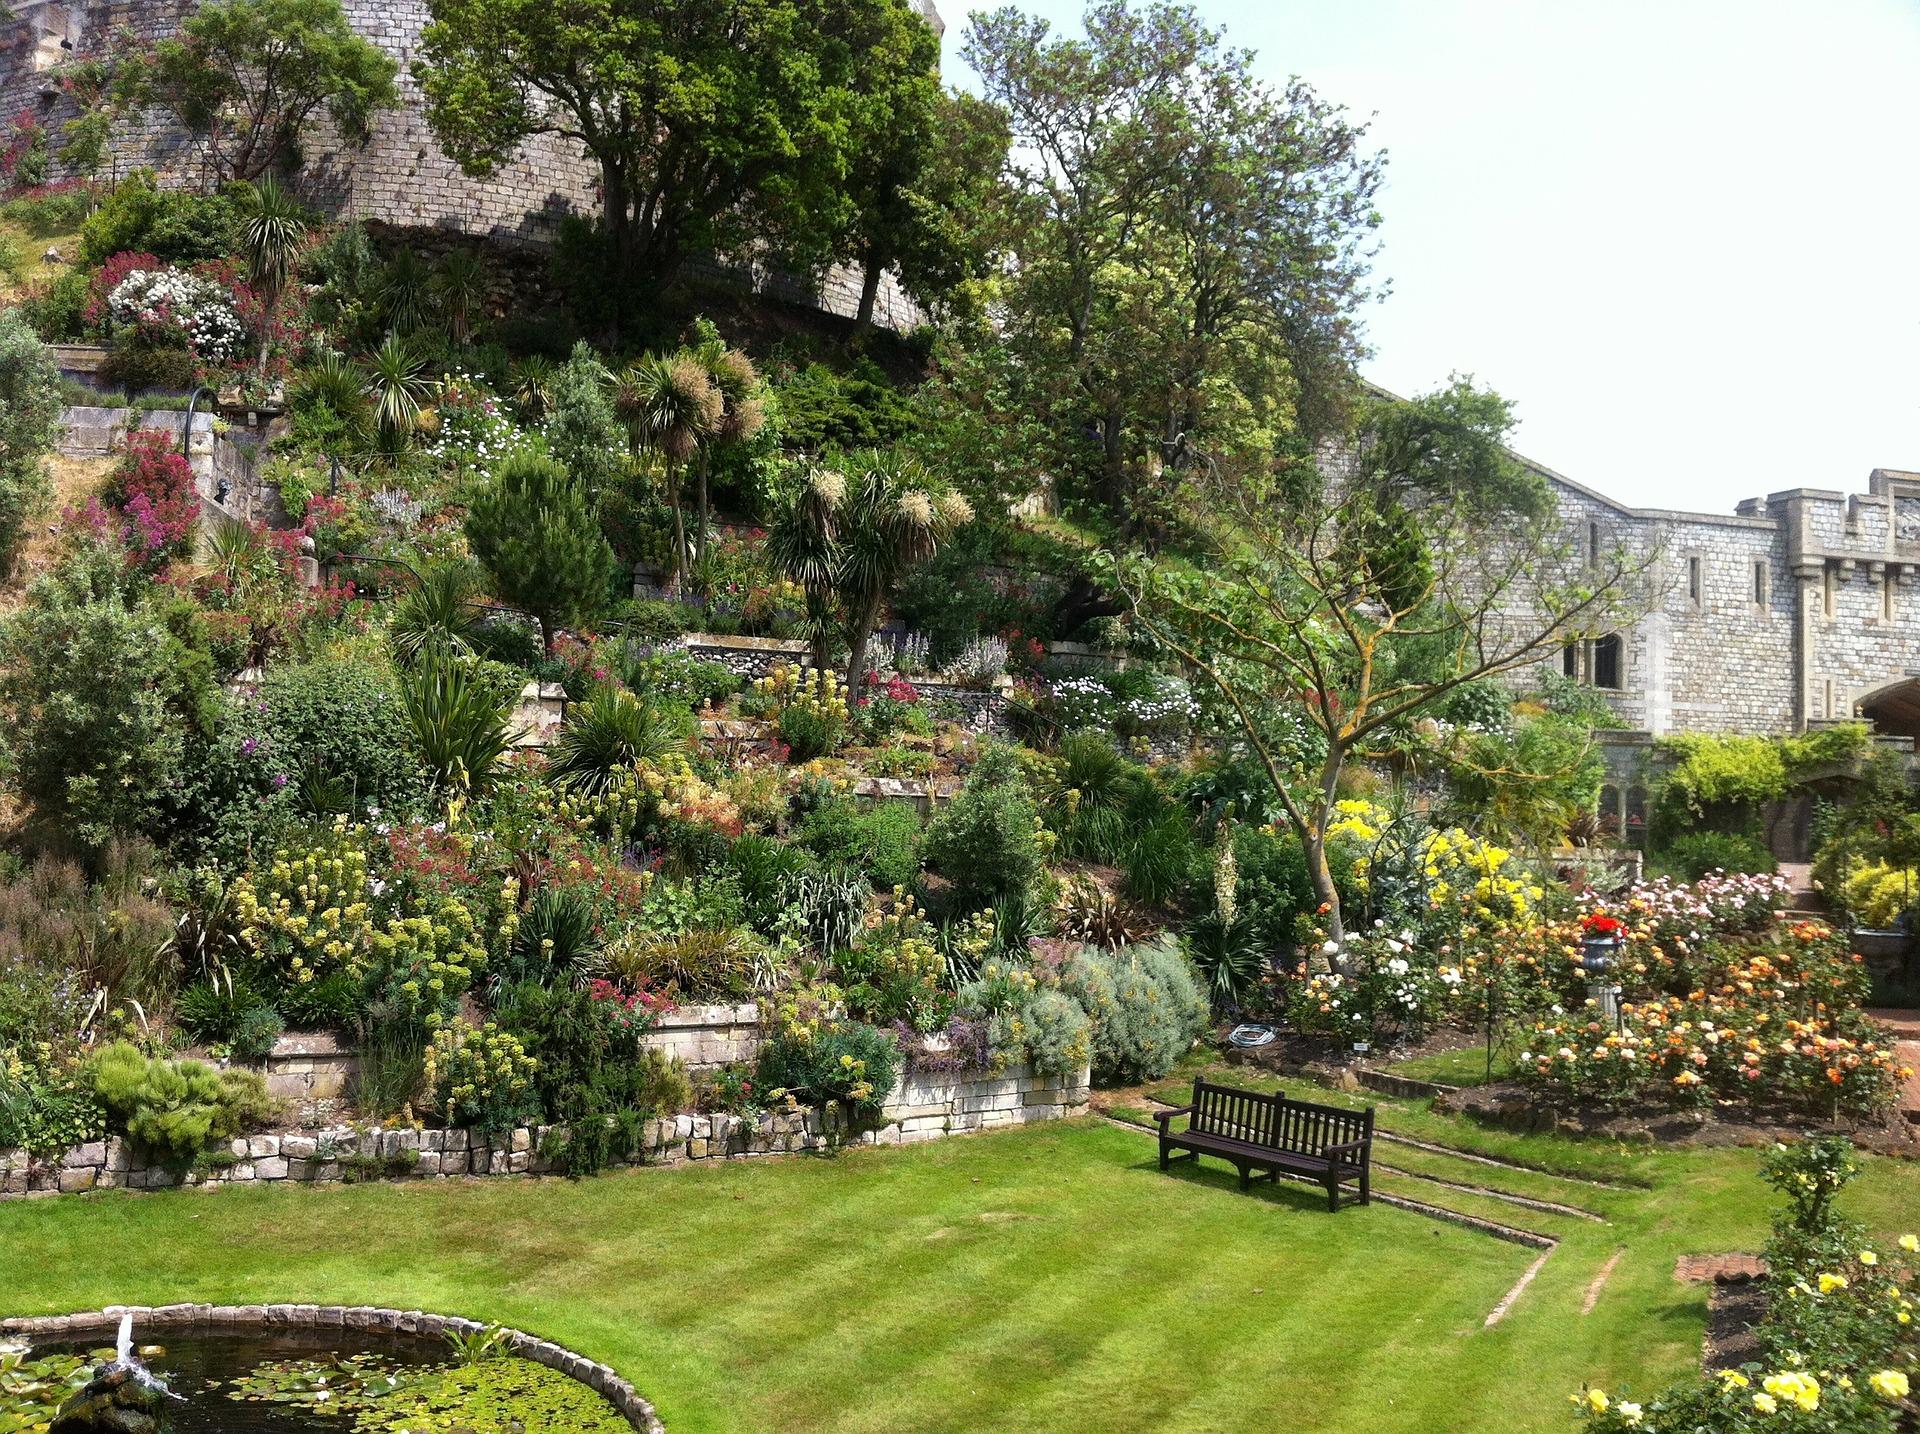 Garden at Windsor Castle